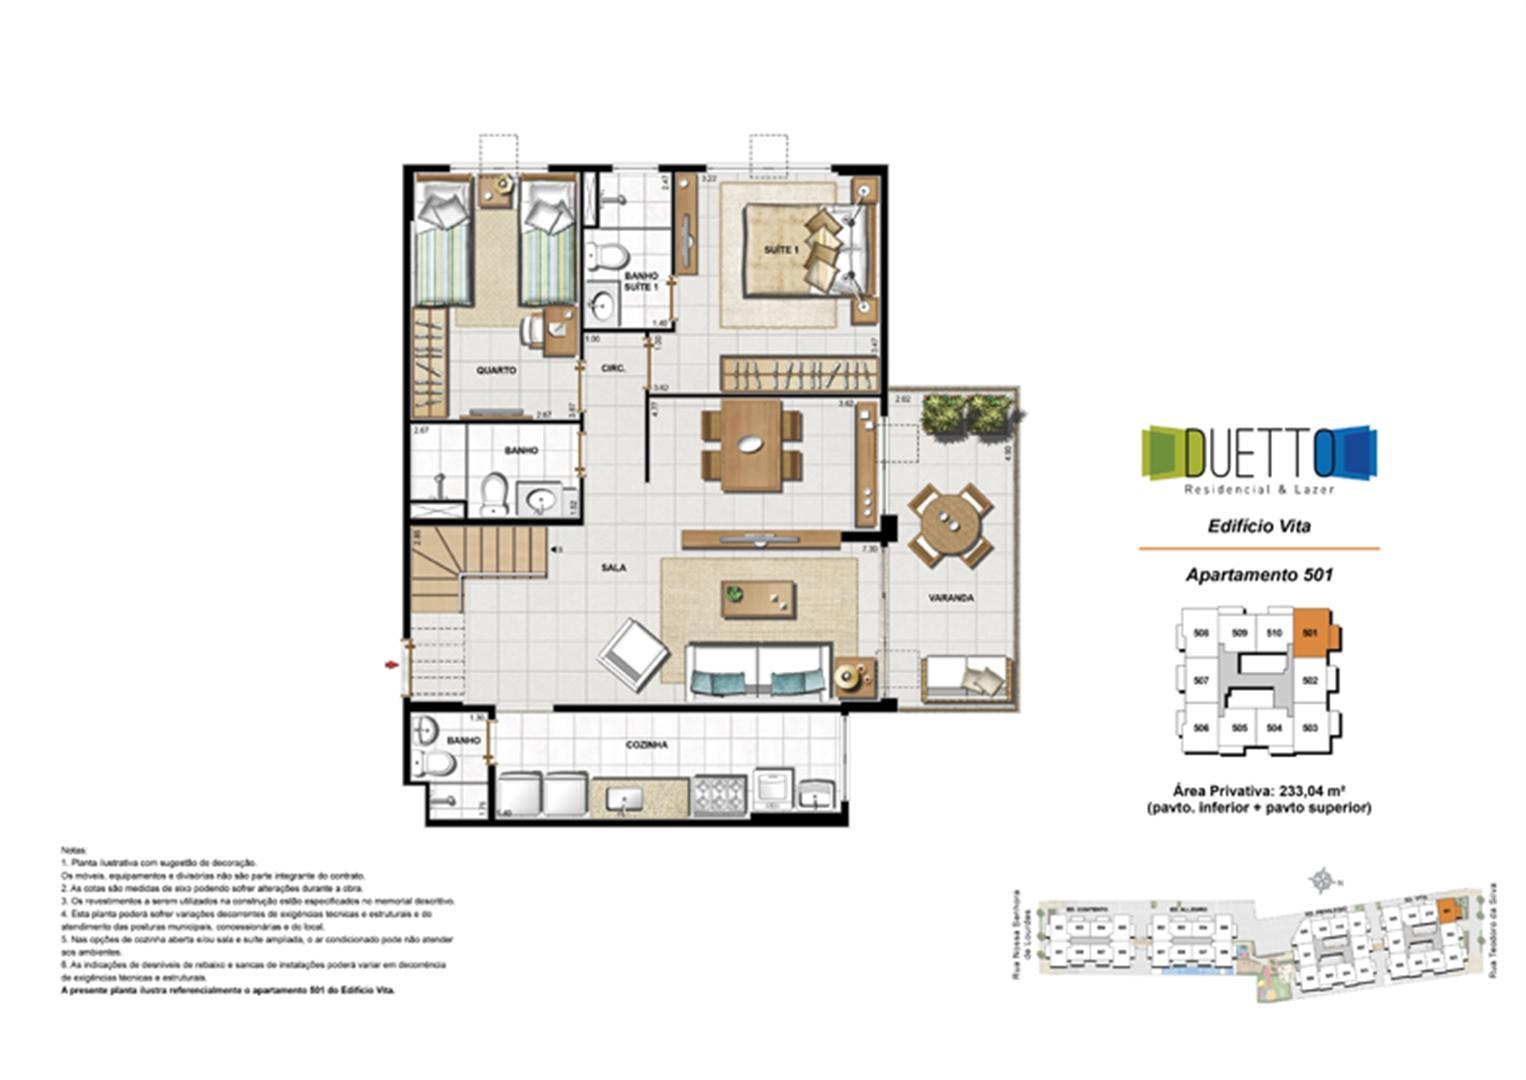 Cobertura Duplex - 3 Quartos com suíte - 233,04m² -pavto inferior+ pavto superior | Duetto Residencial & Lazer – Apartamento no  Grajaú - Rio de Janeiro - Rio de Janeiro